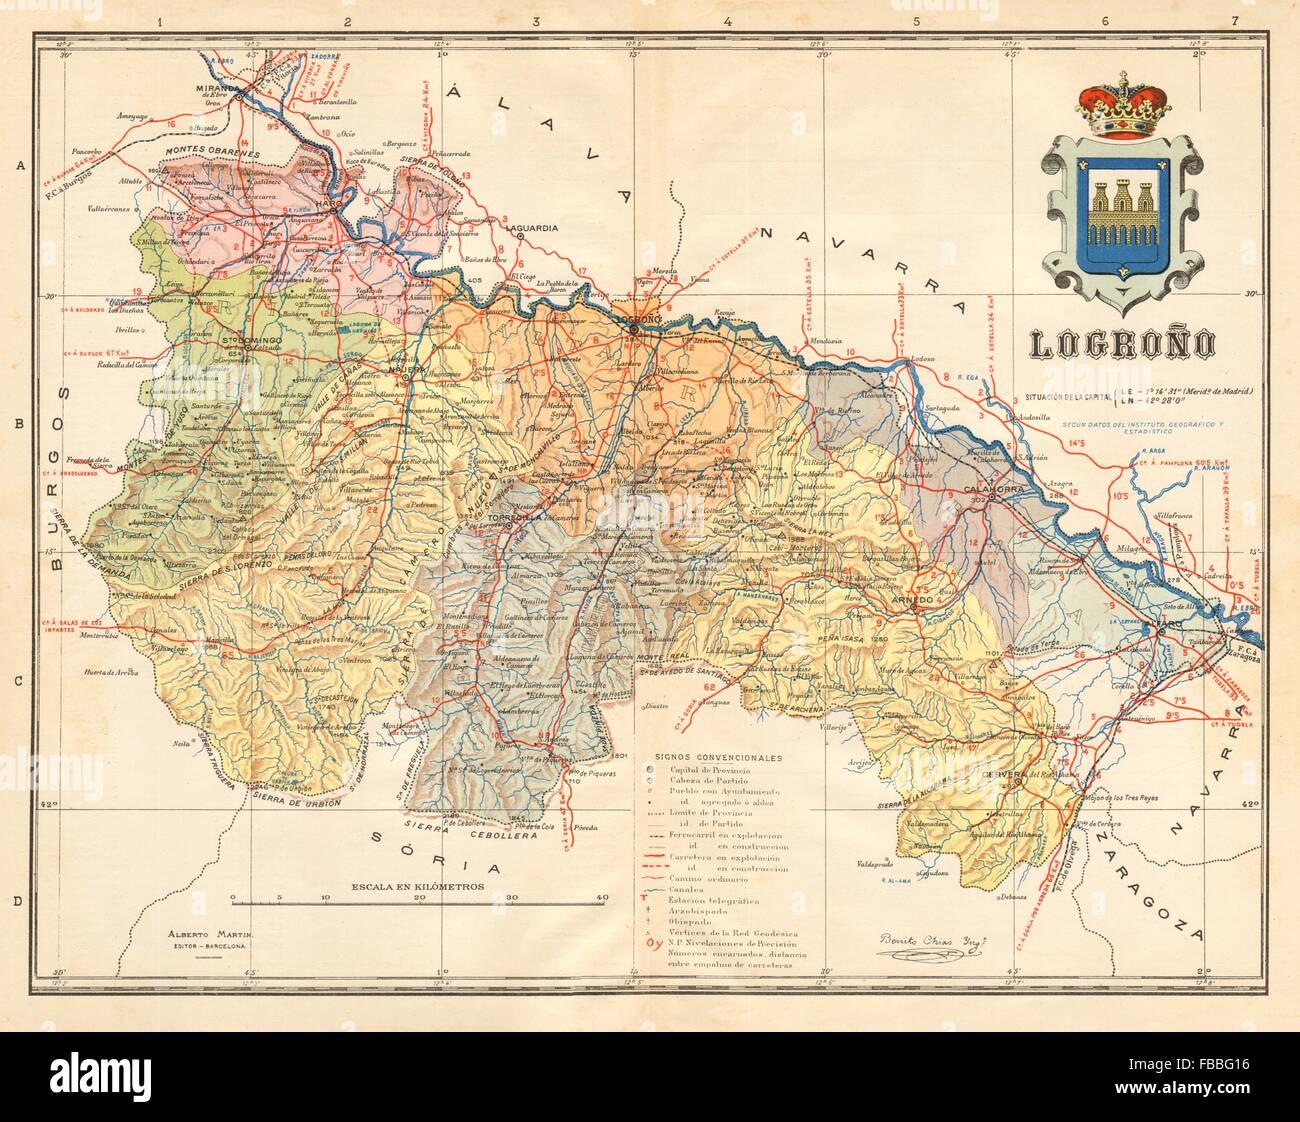 La Rioja Logrono Logrono Mapa Antiguo De La Provincia Alberto